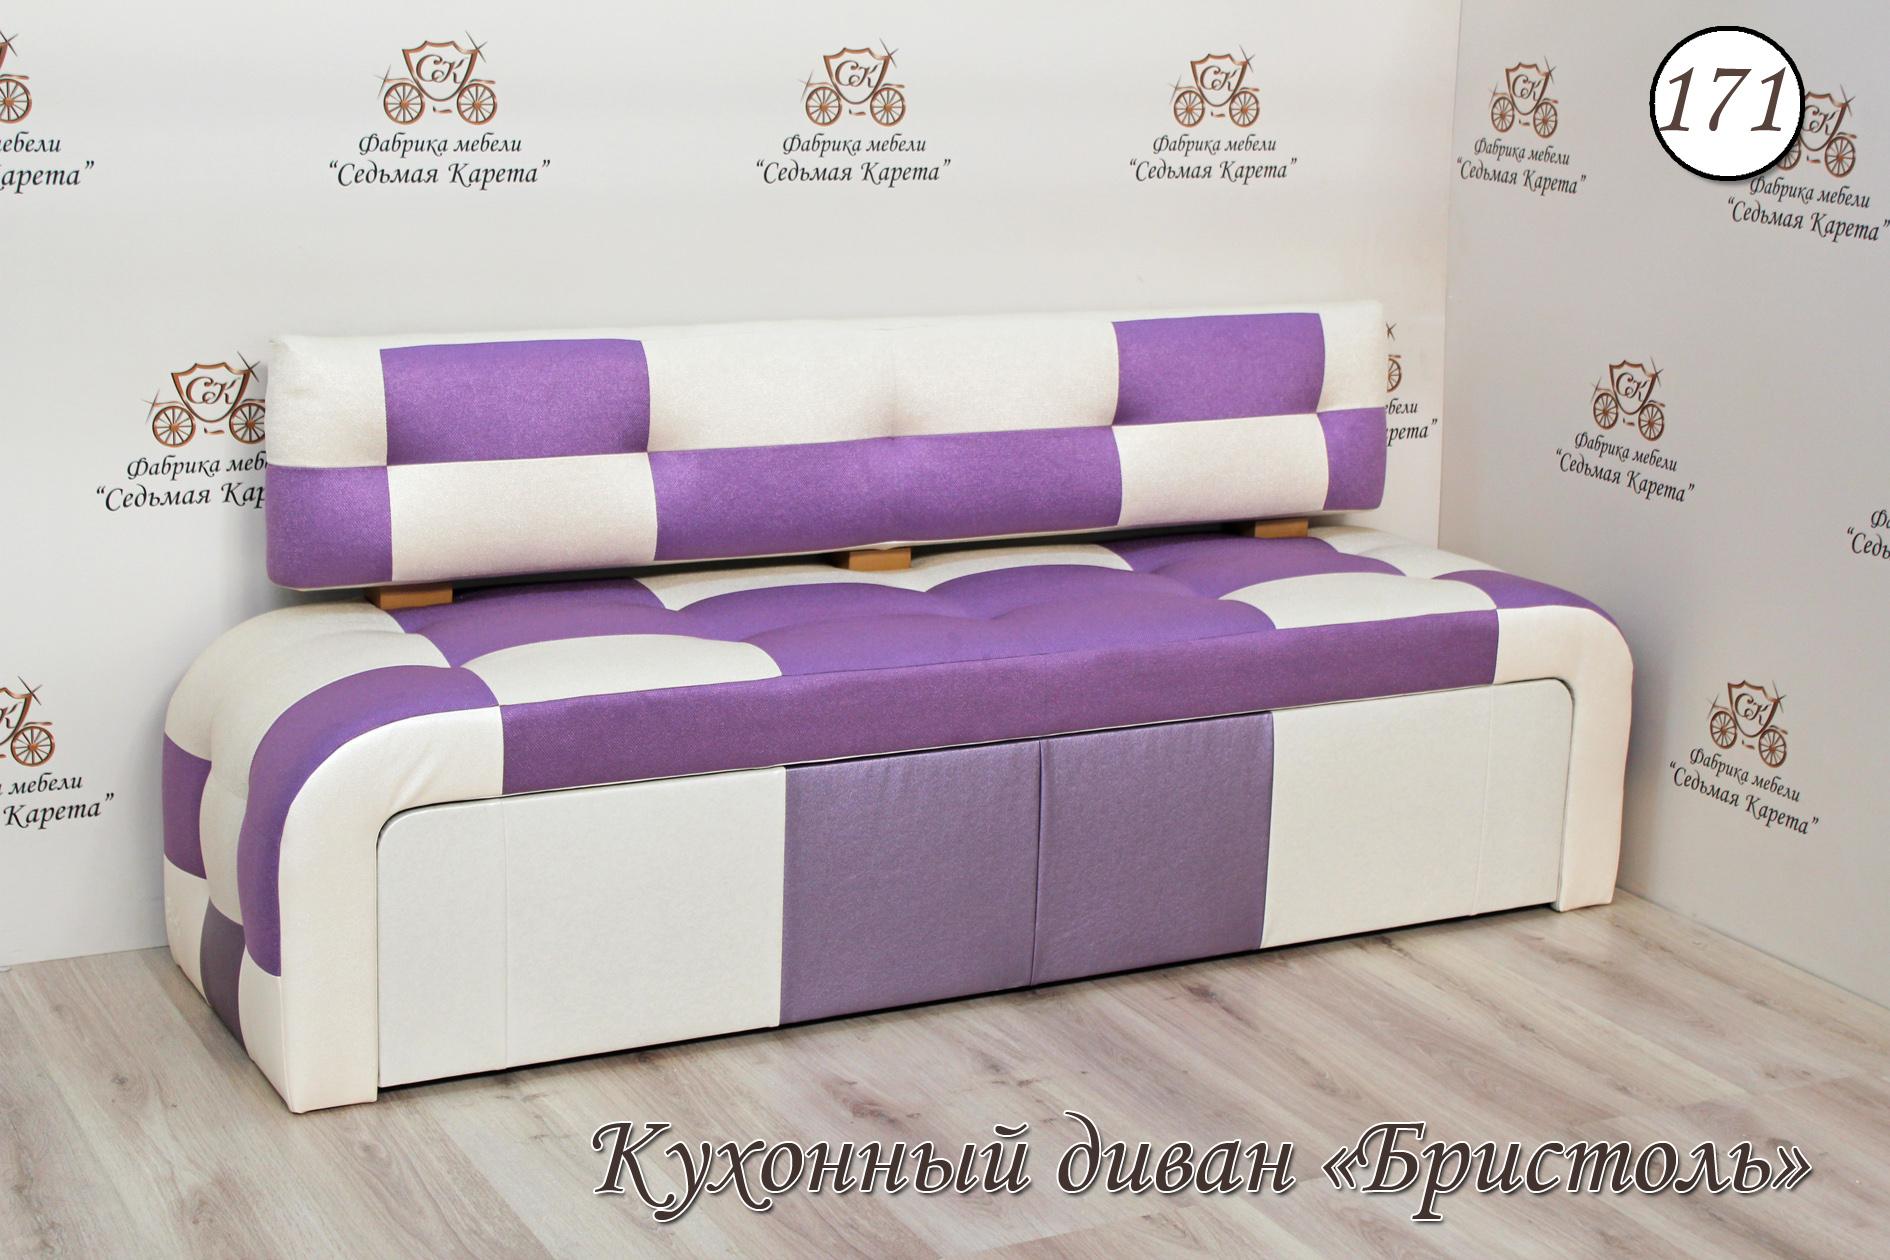 Кухонный диван Бристоль-171